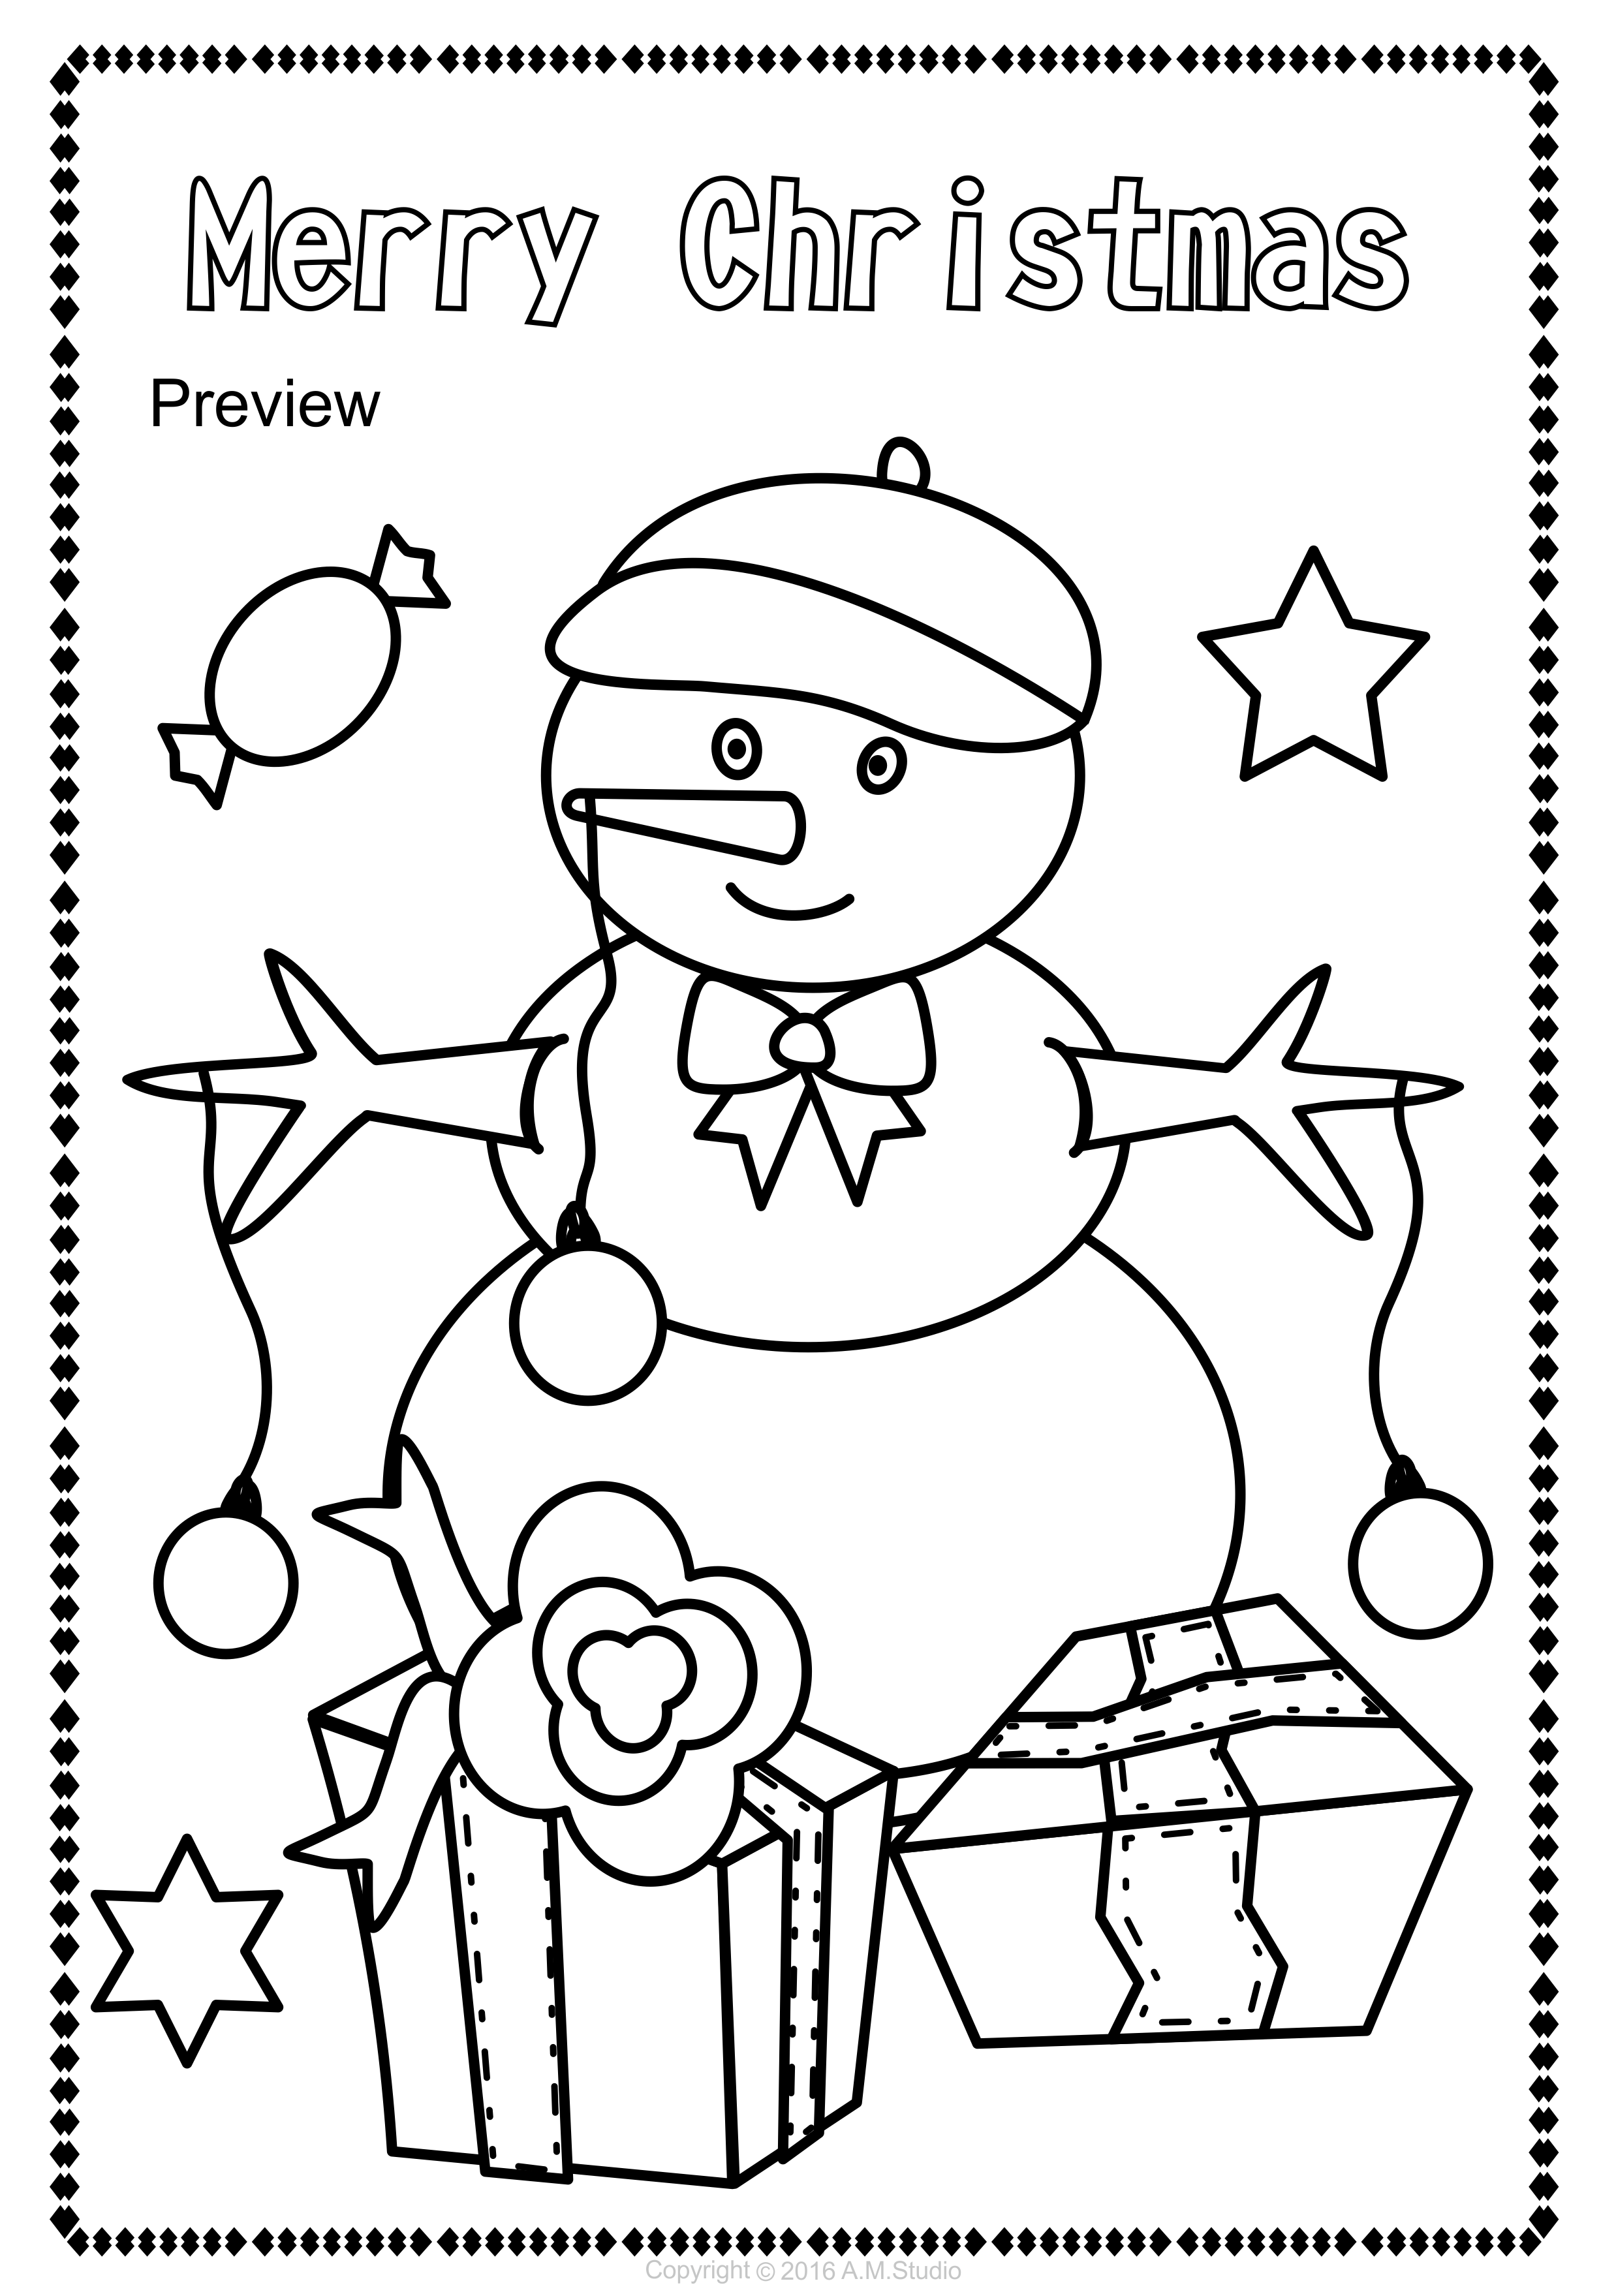 Christmas Coloring Pages Anastasiya Multimedia Studio